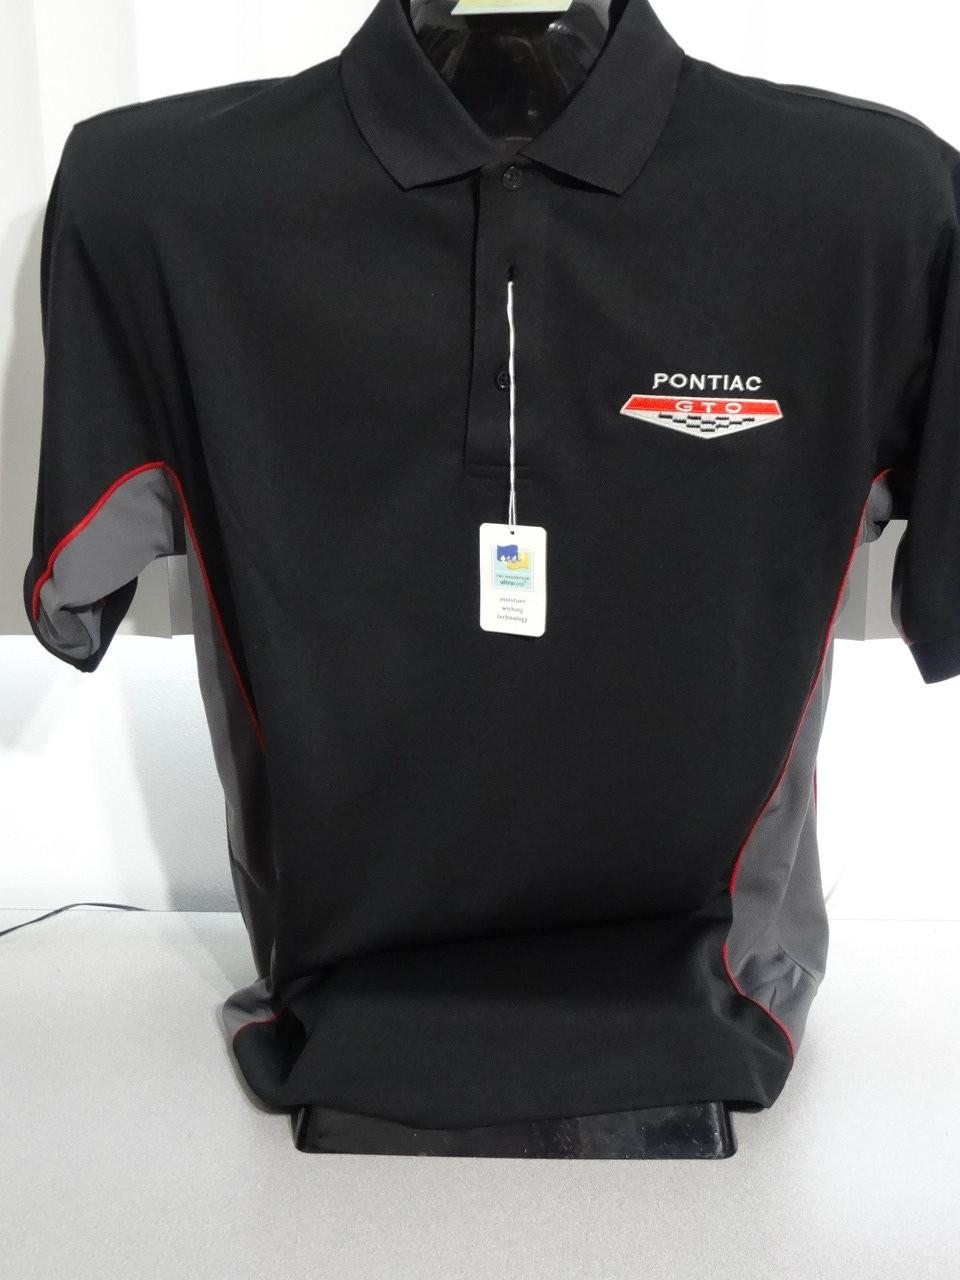 Pontiac Gto Tri Color Moisture Wicking Polo Shirts Custom Auto Apparel